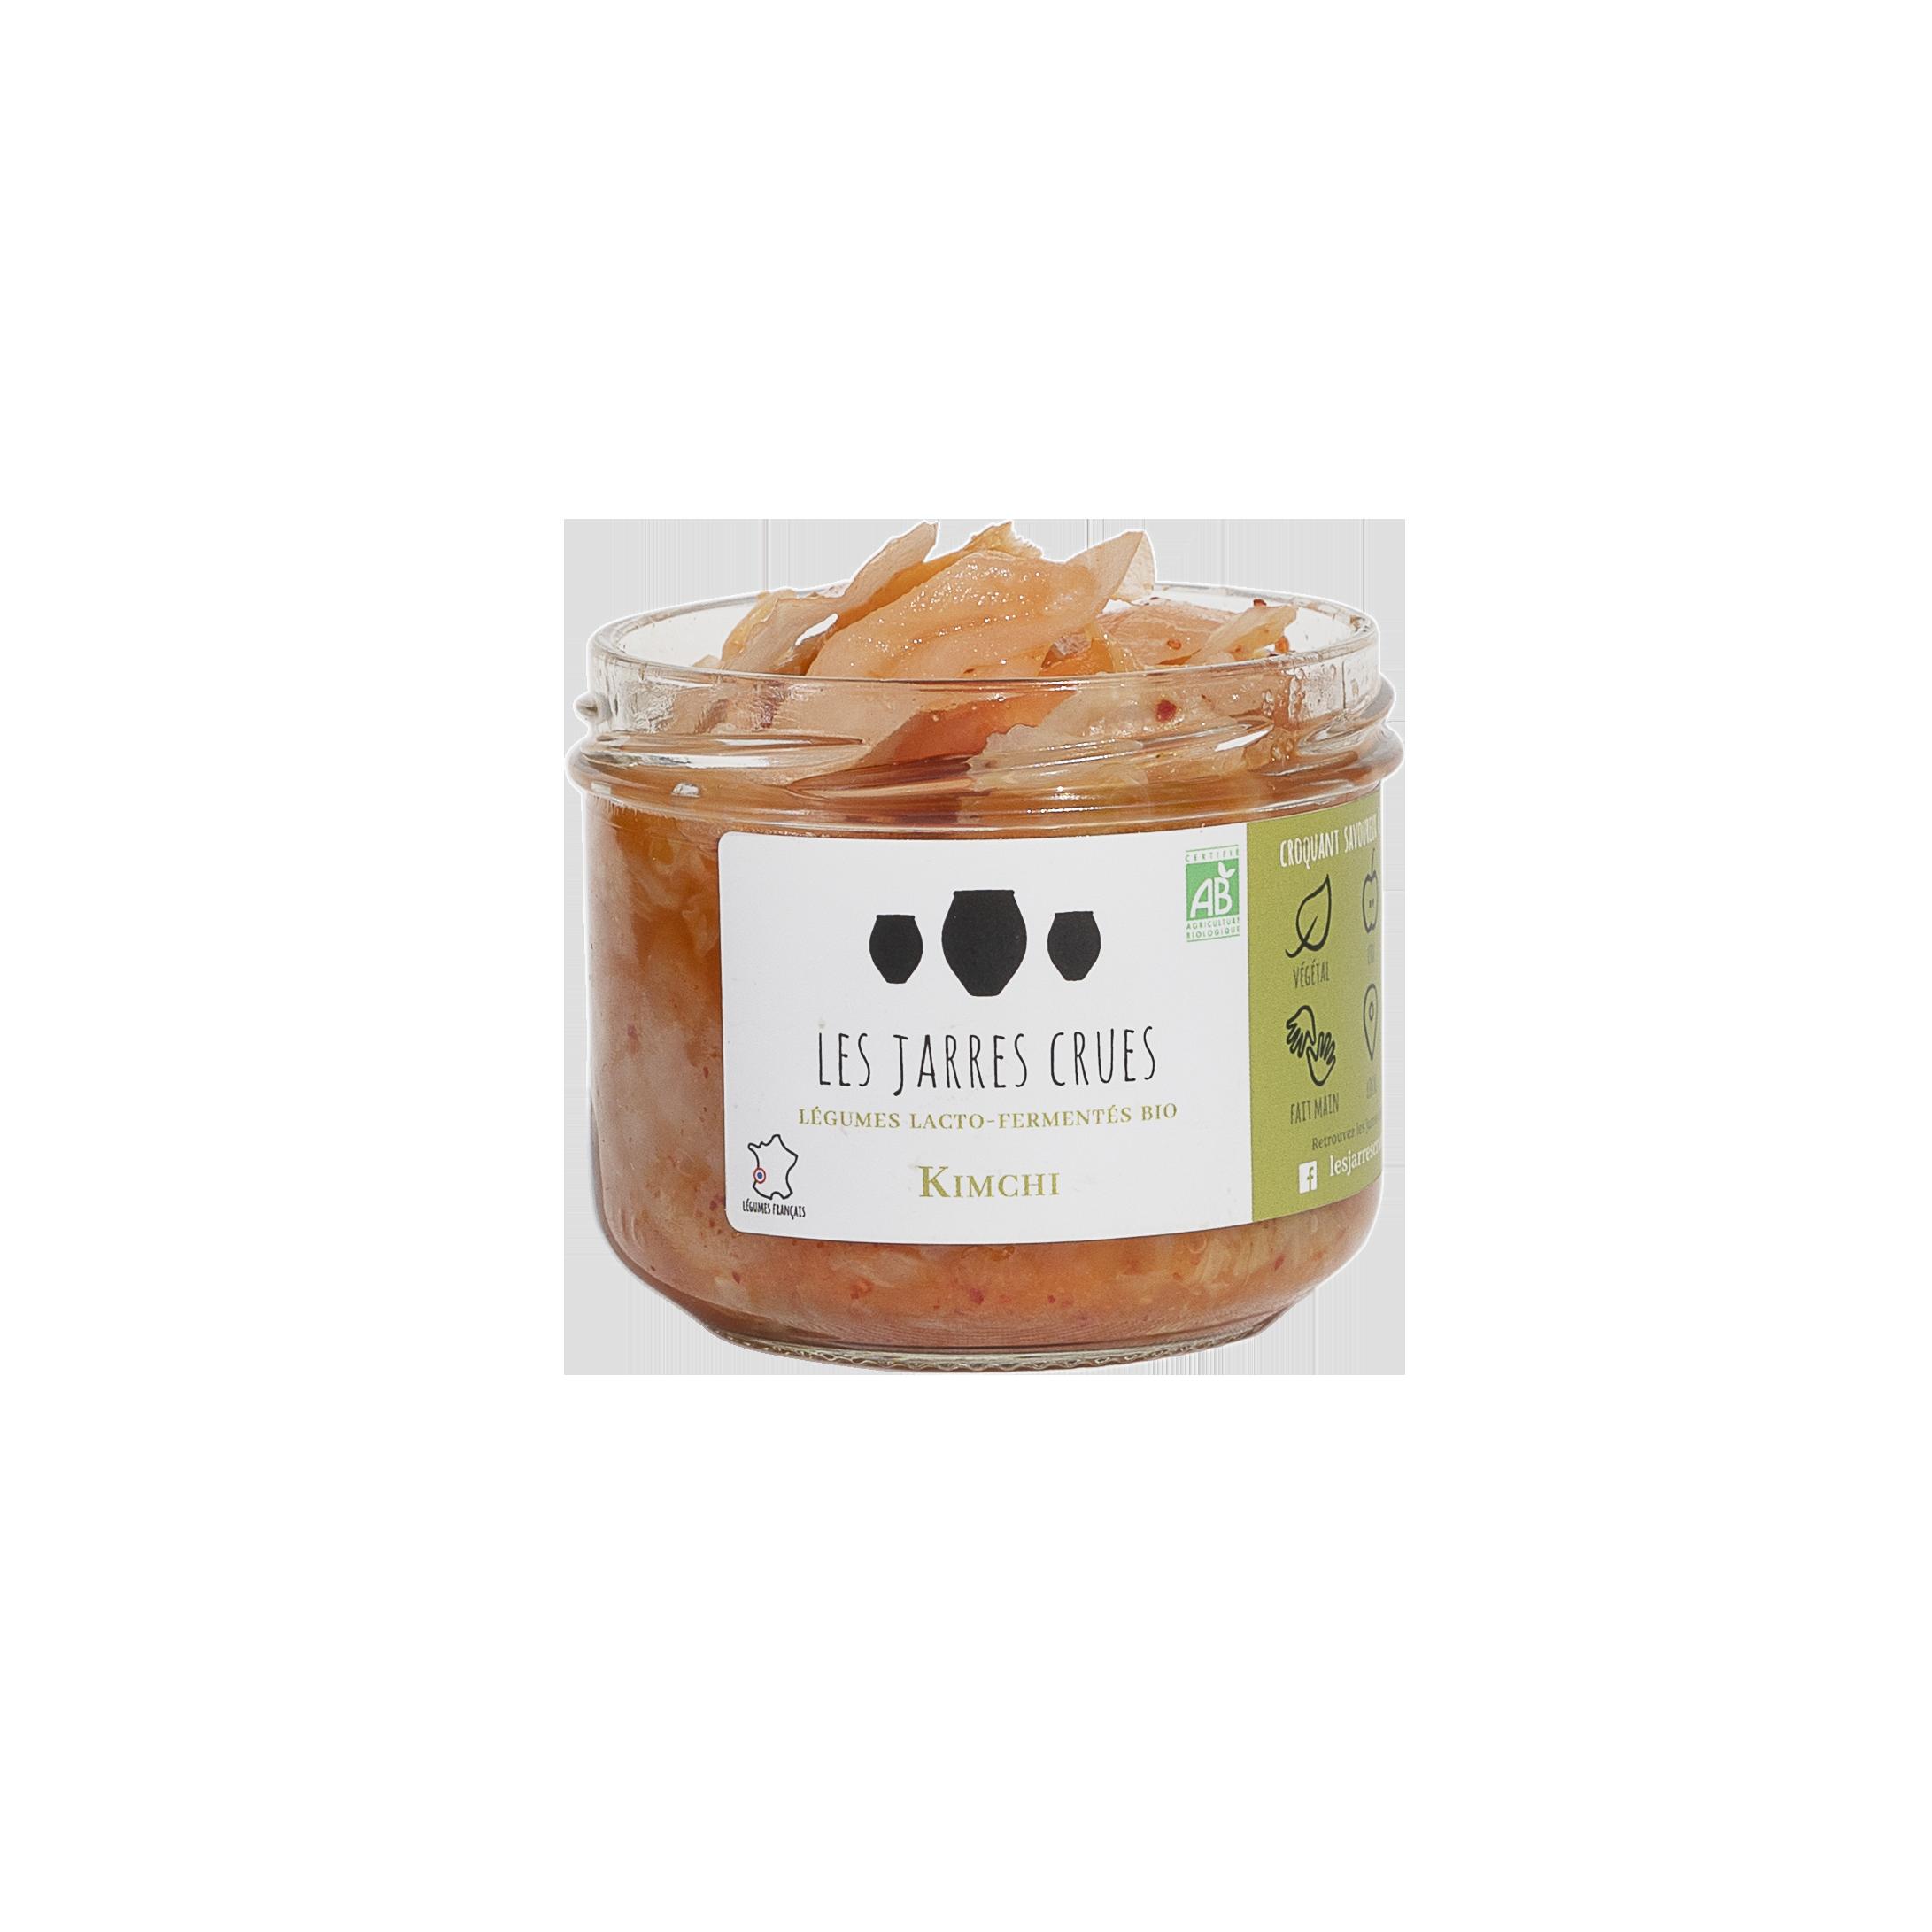 Kimchi2 - Les Jarres Crues lance un kimchi